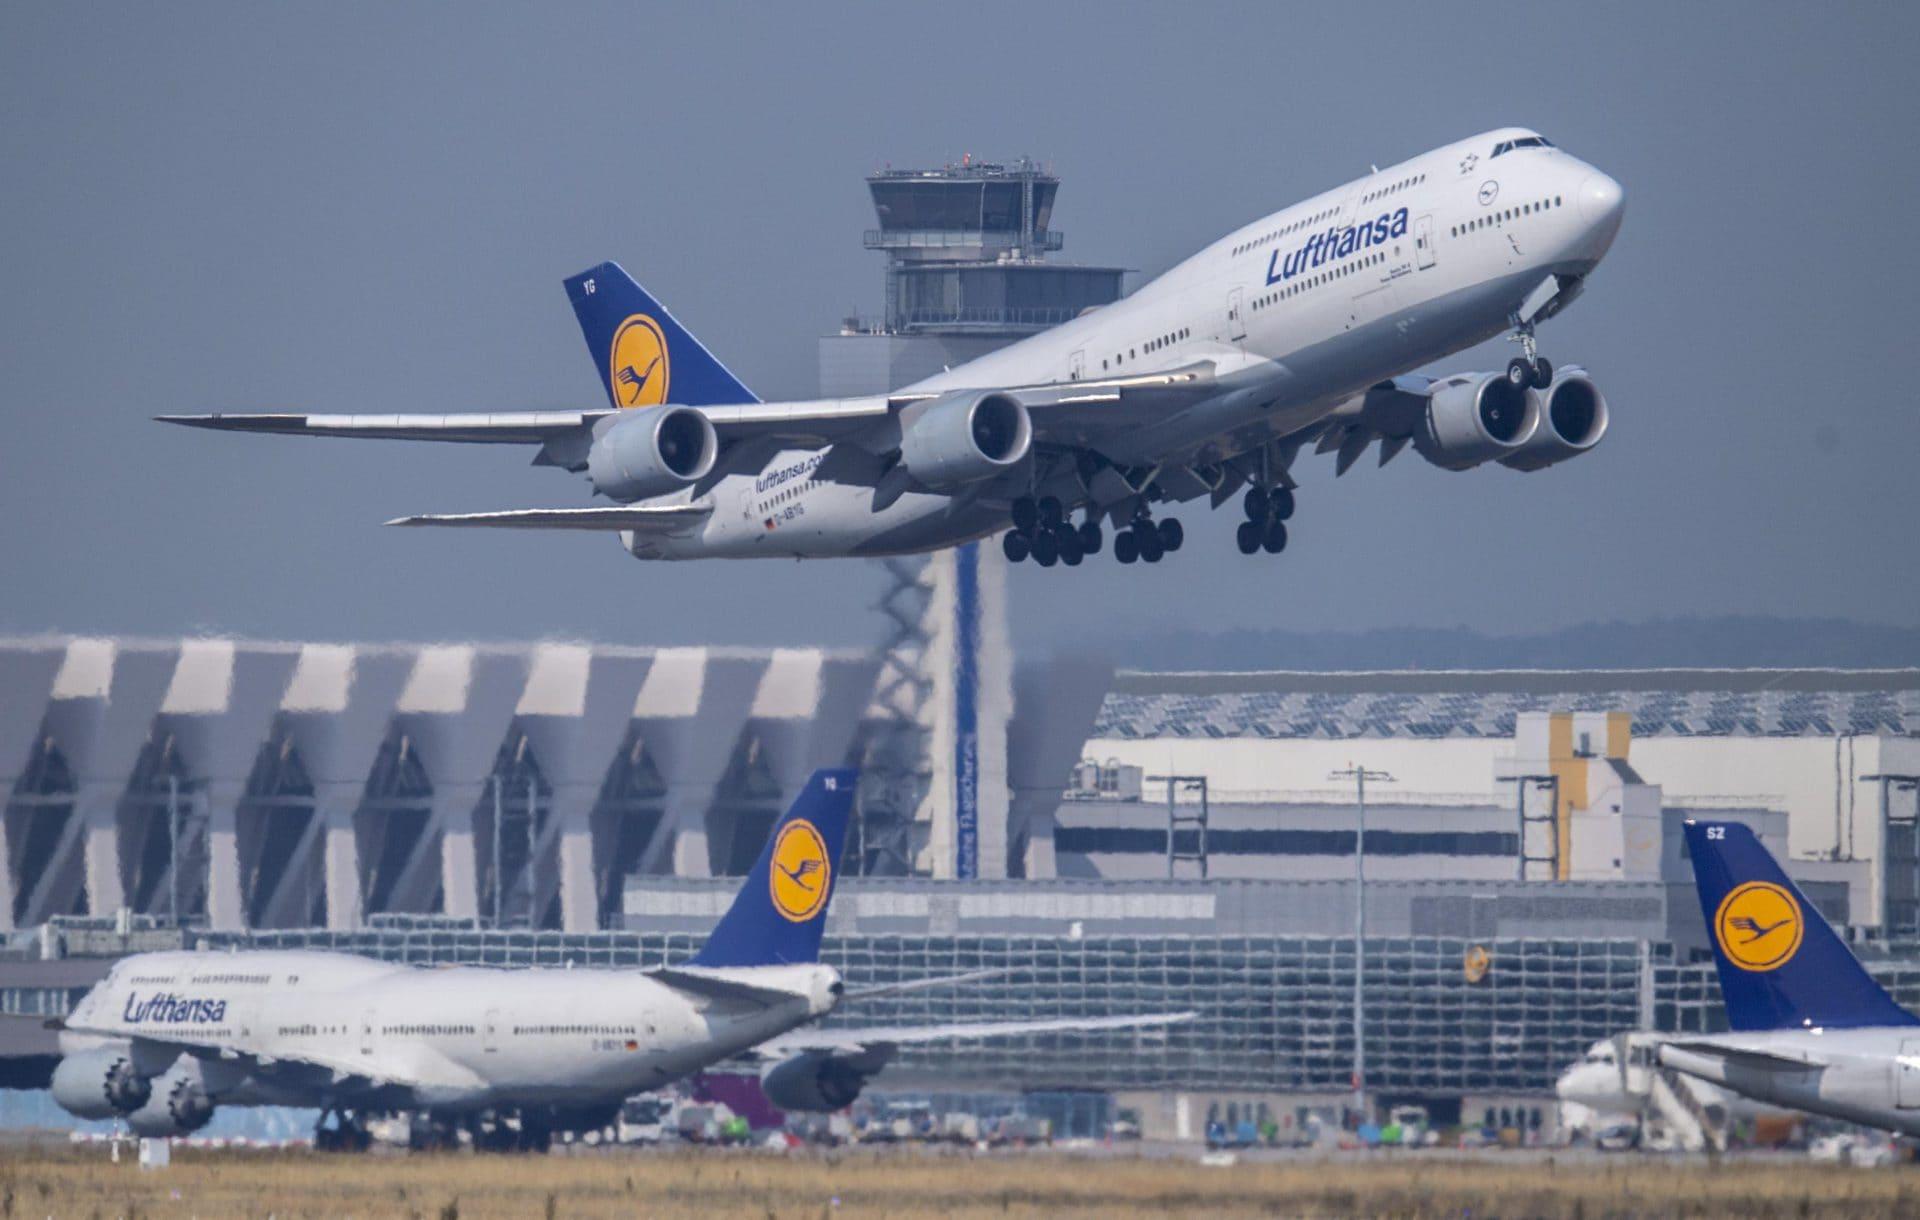 Lufthansa schafft Begrüßung «Damen und Herren» an Bord ab Gendergerechte Sprache